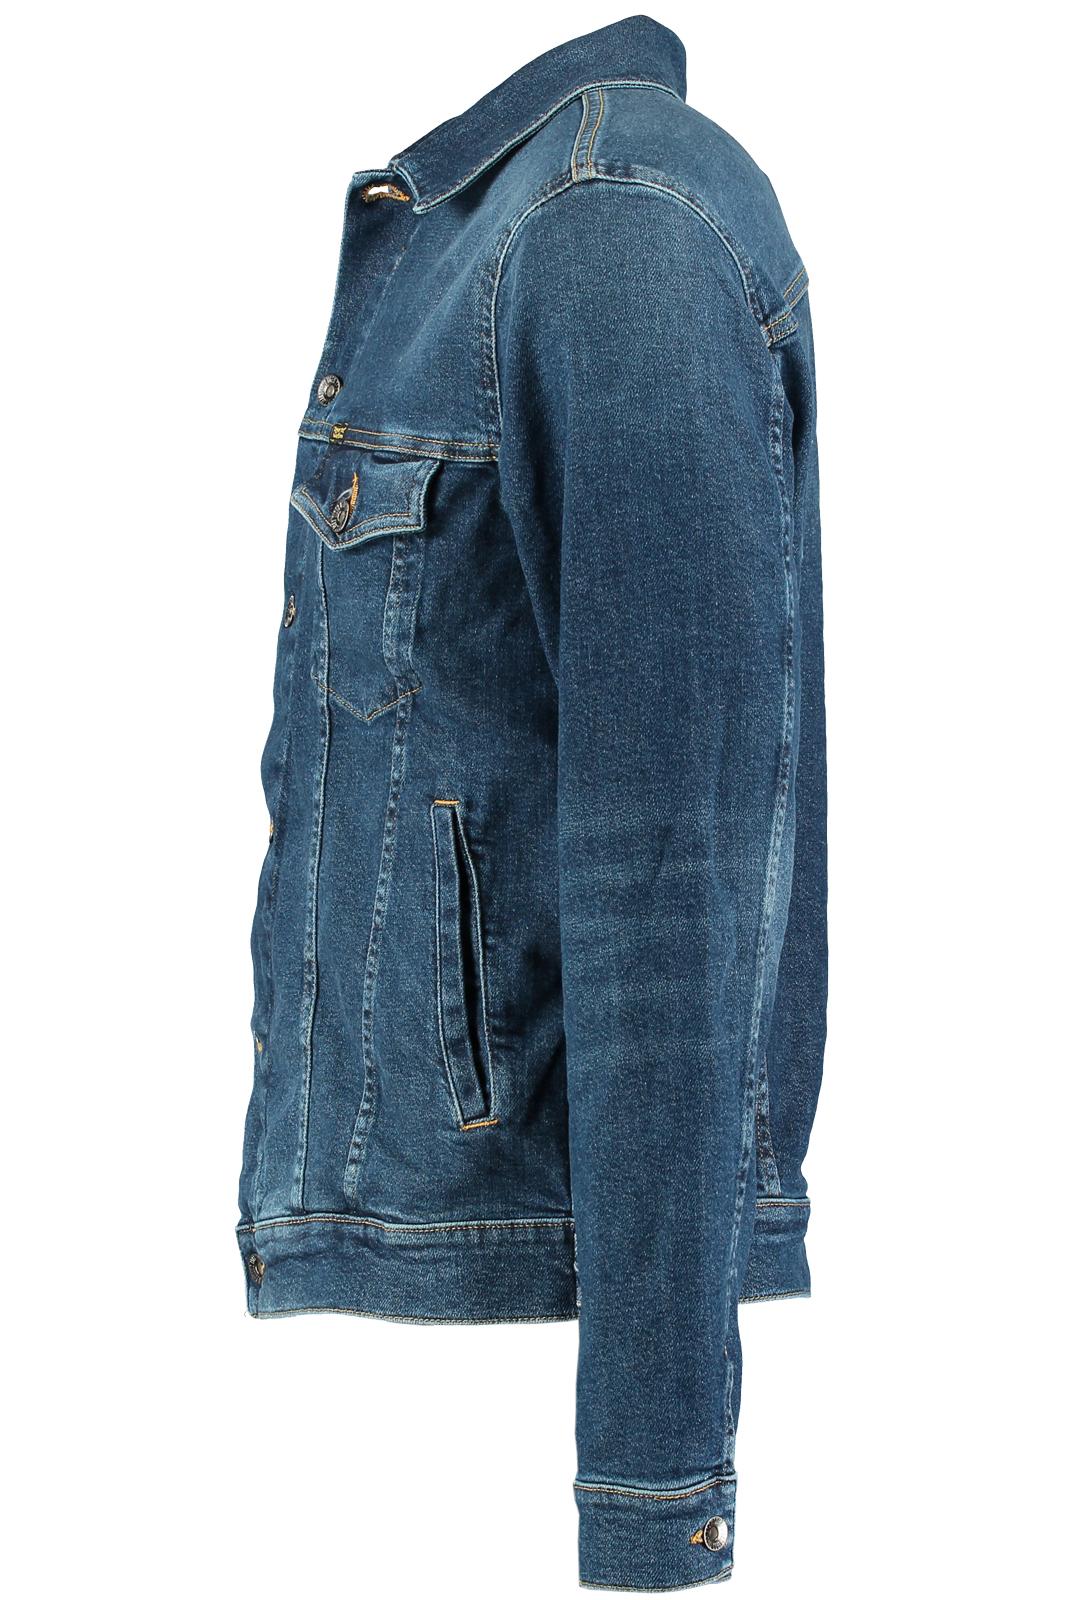 d5a5ab4424c Of Märkeskläder Primal Jeans Tiger Outlet Jackor Herr Sweden dYq7C